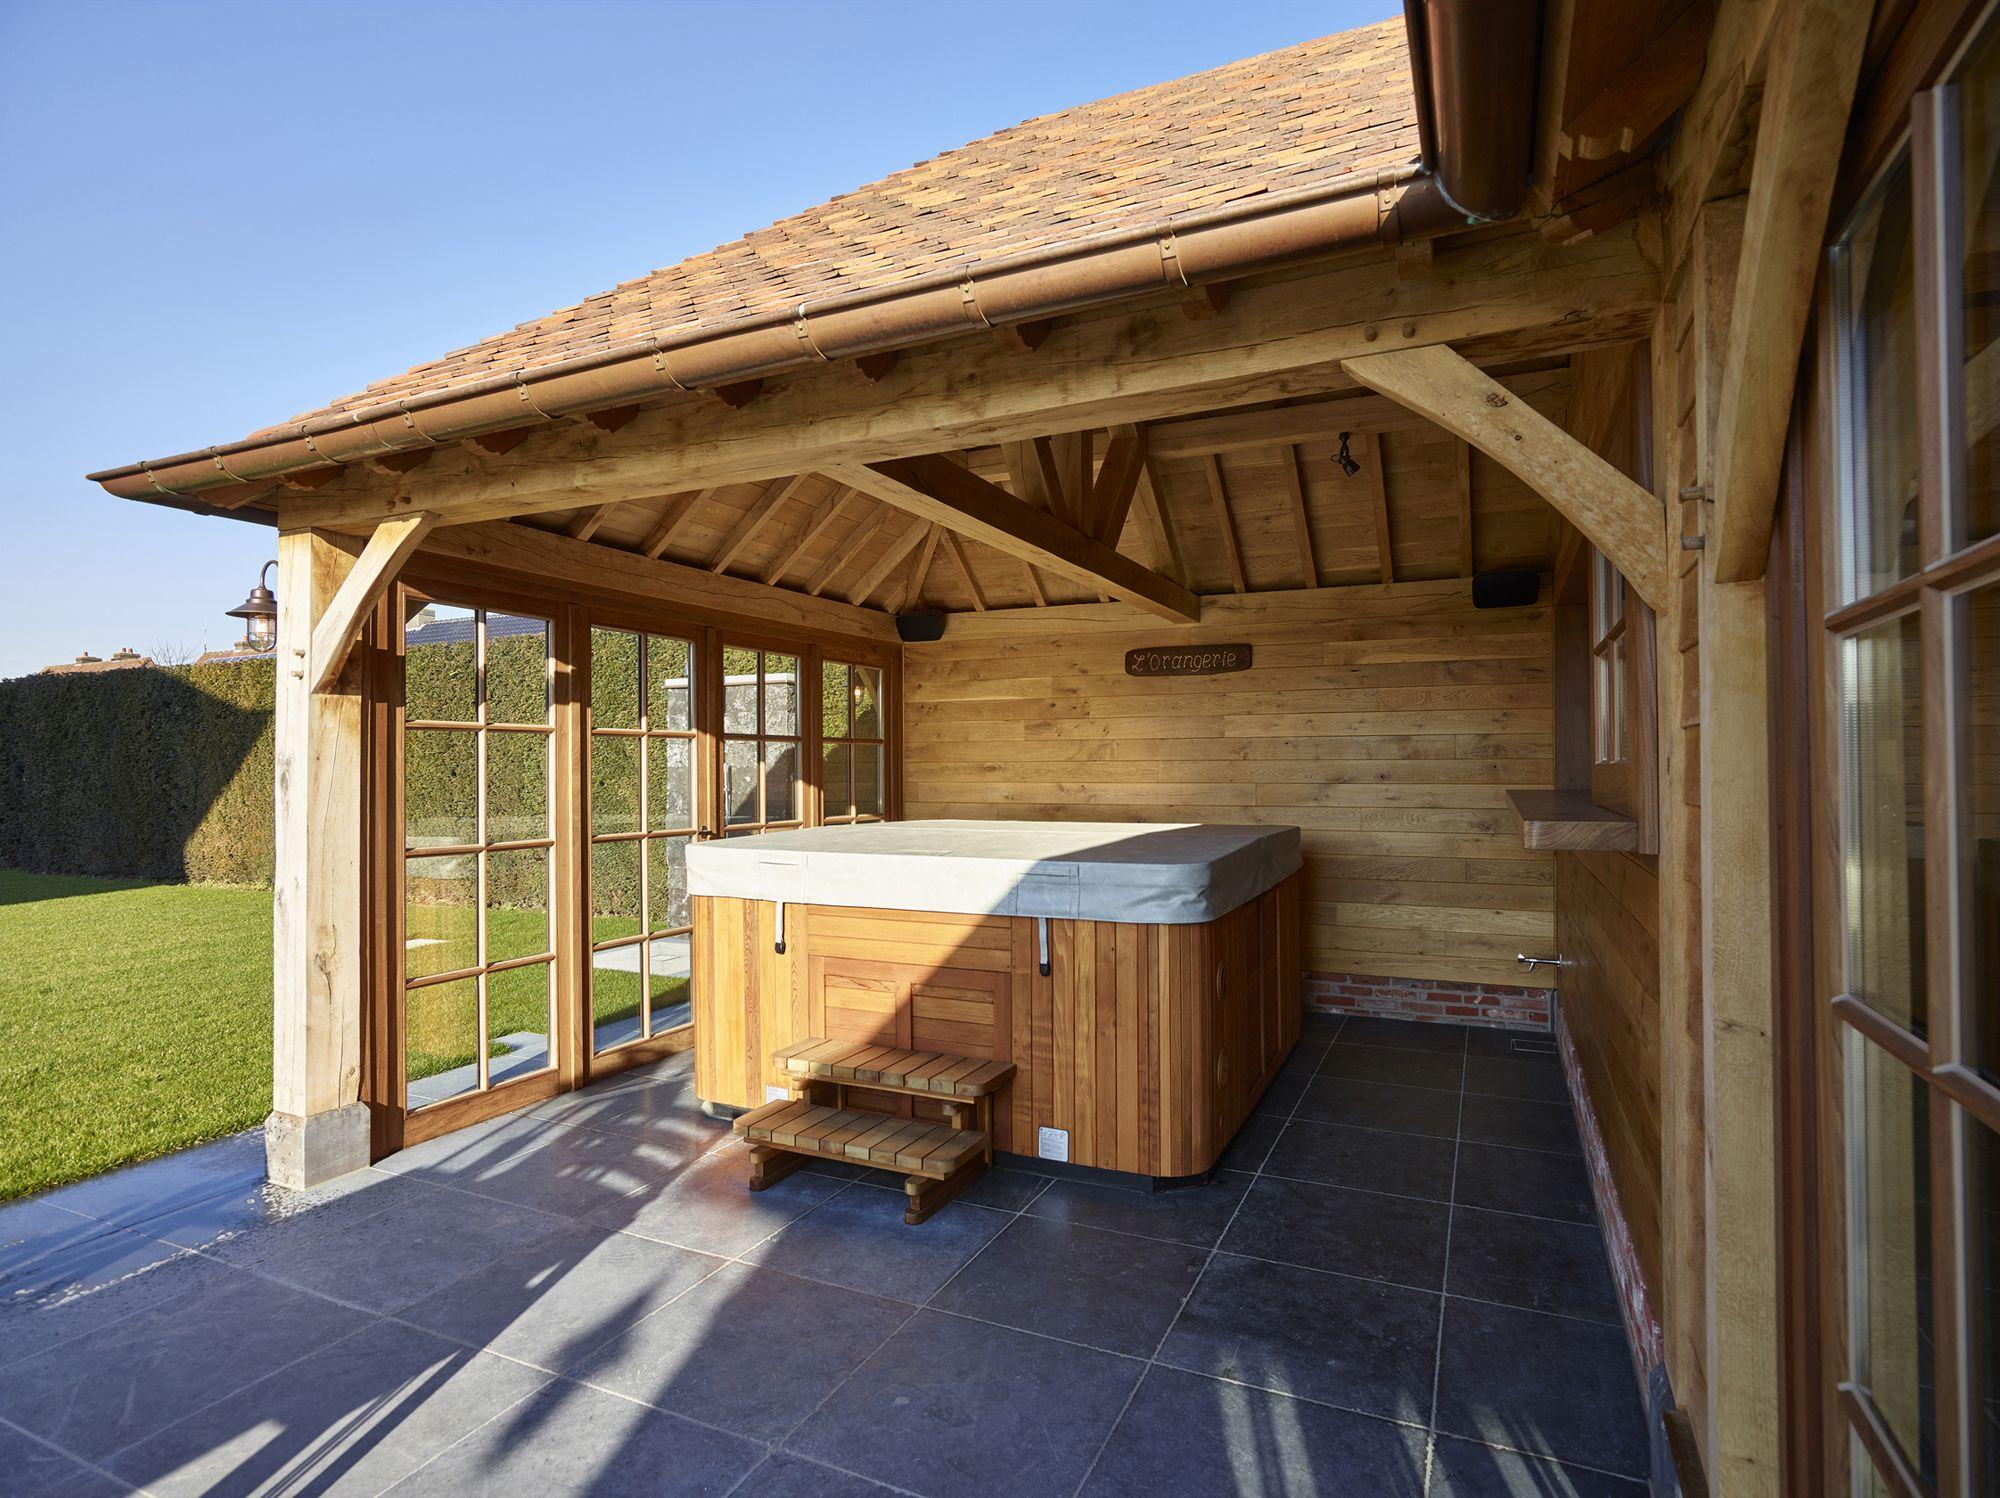 Realisatie Poolhouse In Eik Bijgebouw Landelijke Stijl